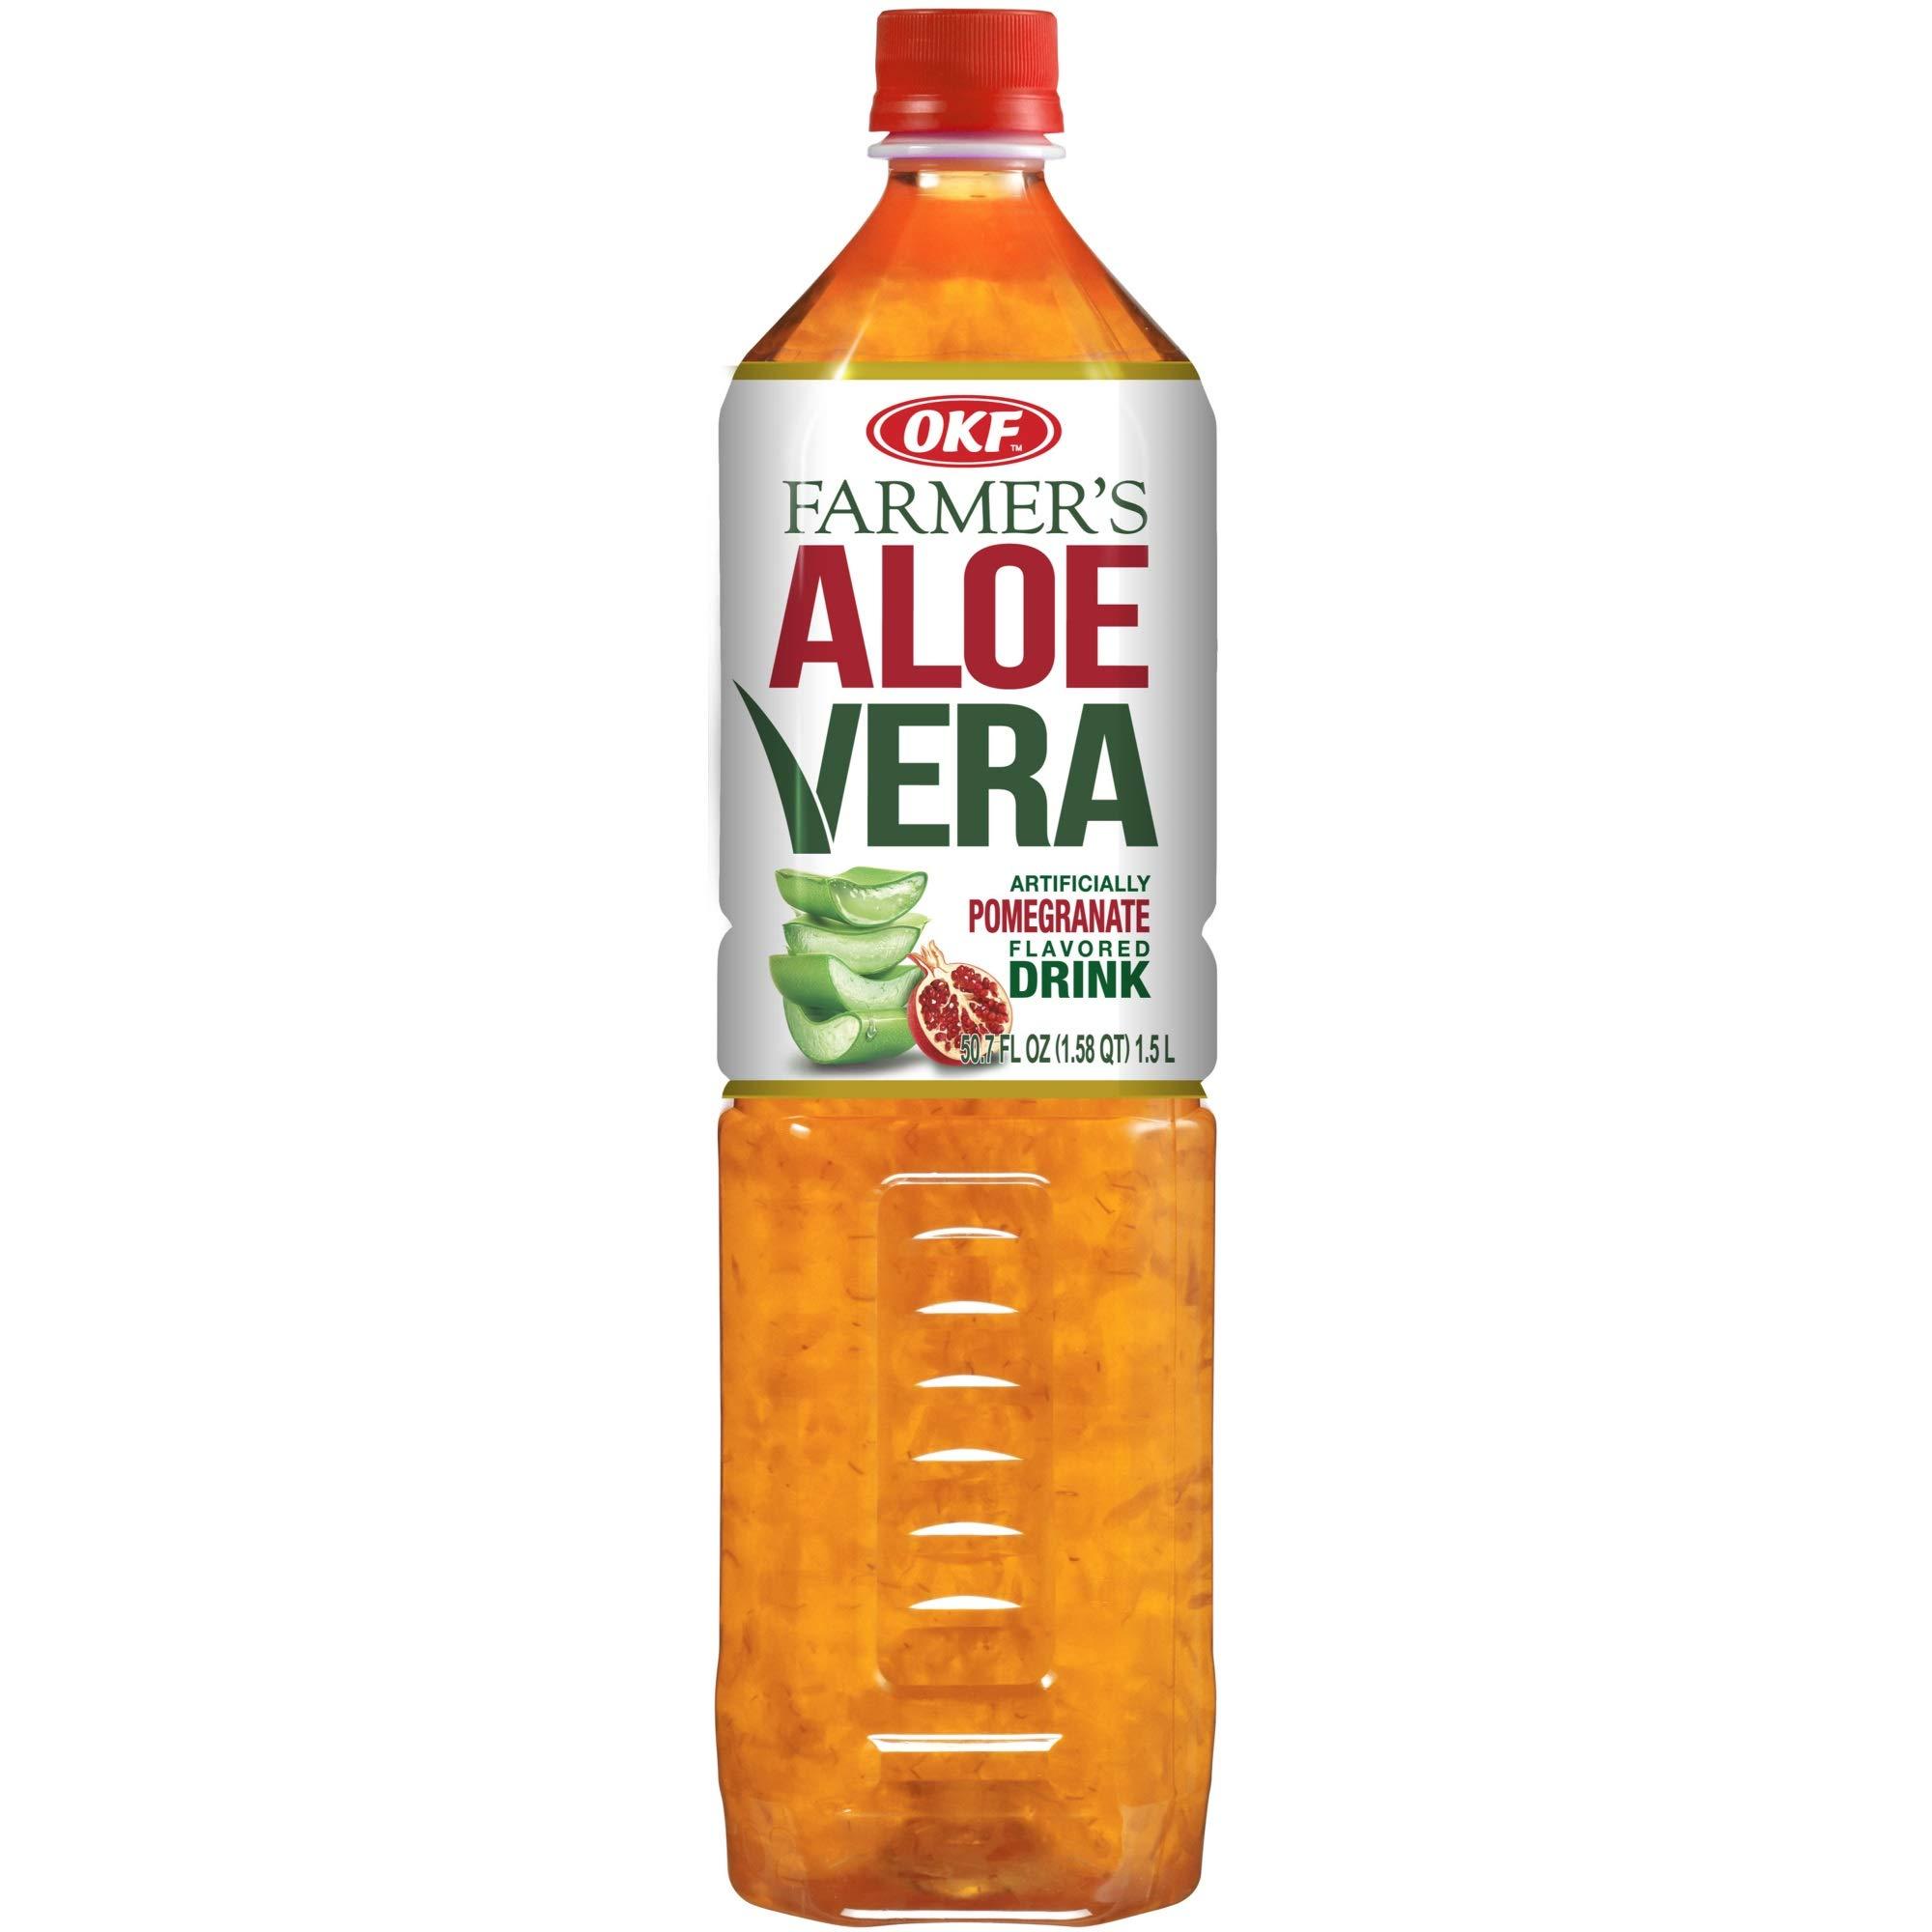 OKF Farmer's Aloe Vera Drink, Pomegranate, 1.5 Liter (Pack of 12) by OKF